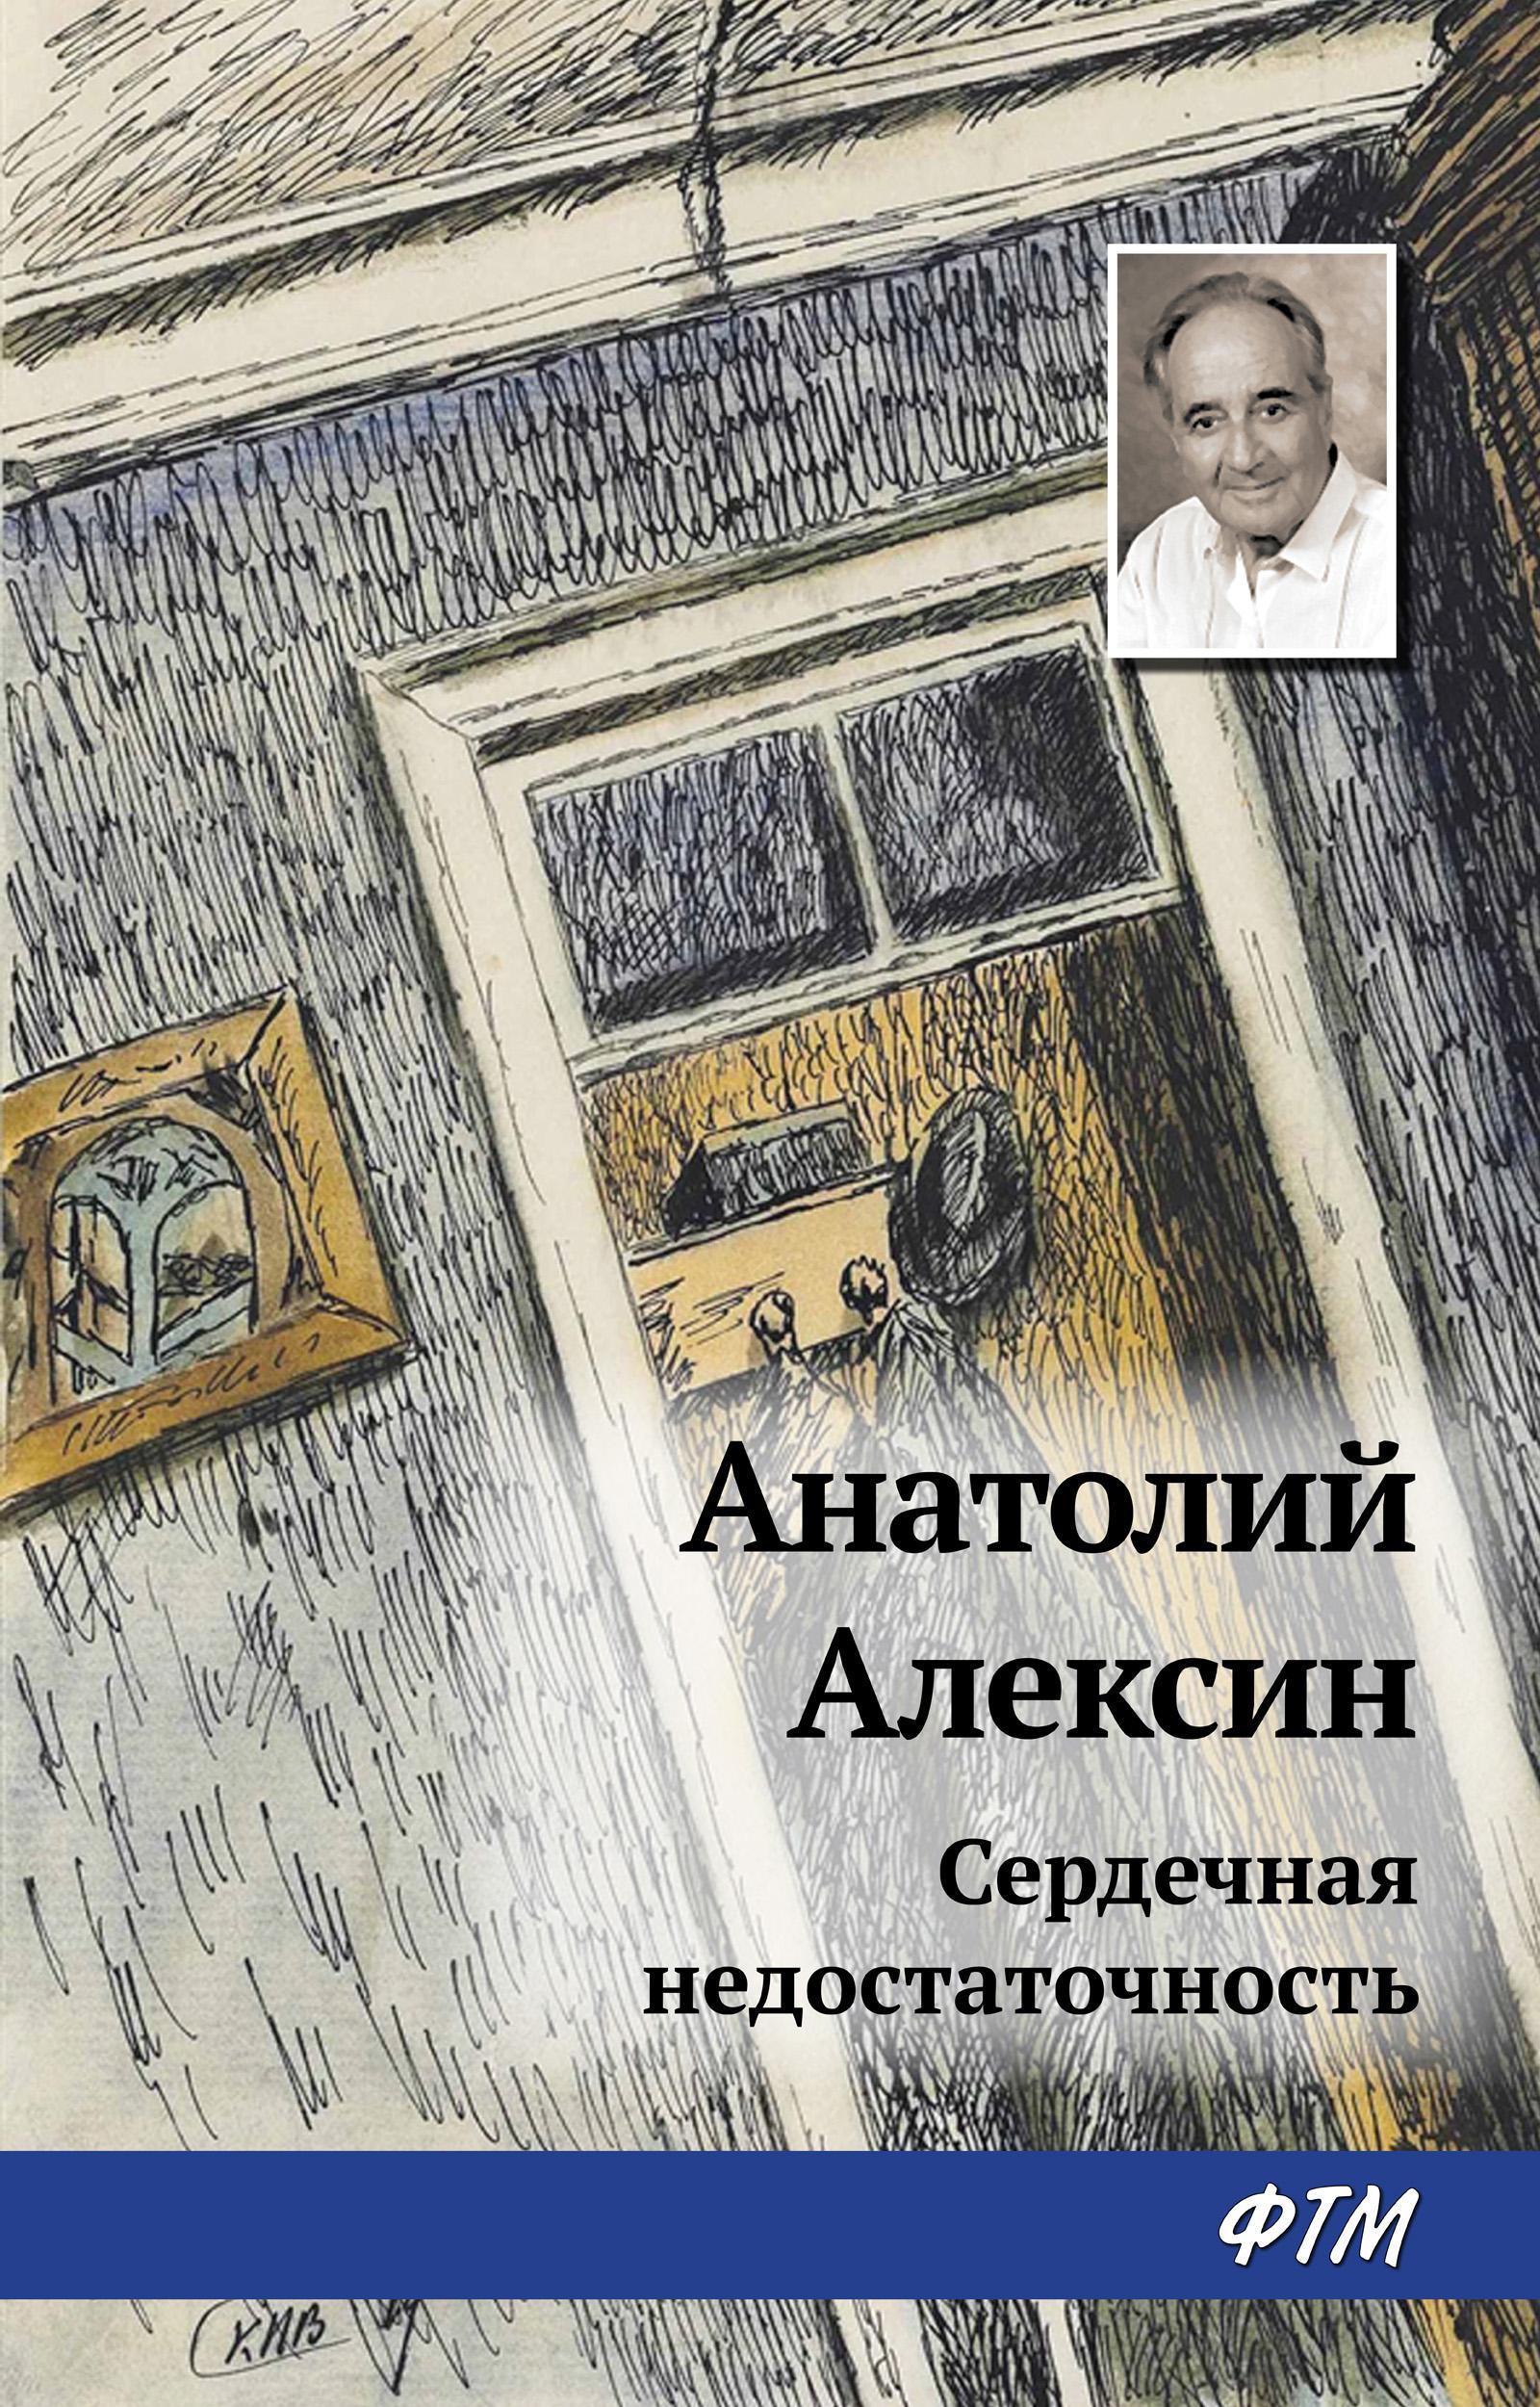 Анатолий Алексин Сердечная недостаточность анатолий алексин как ваше здоровье